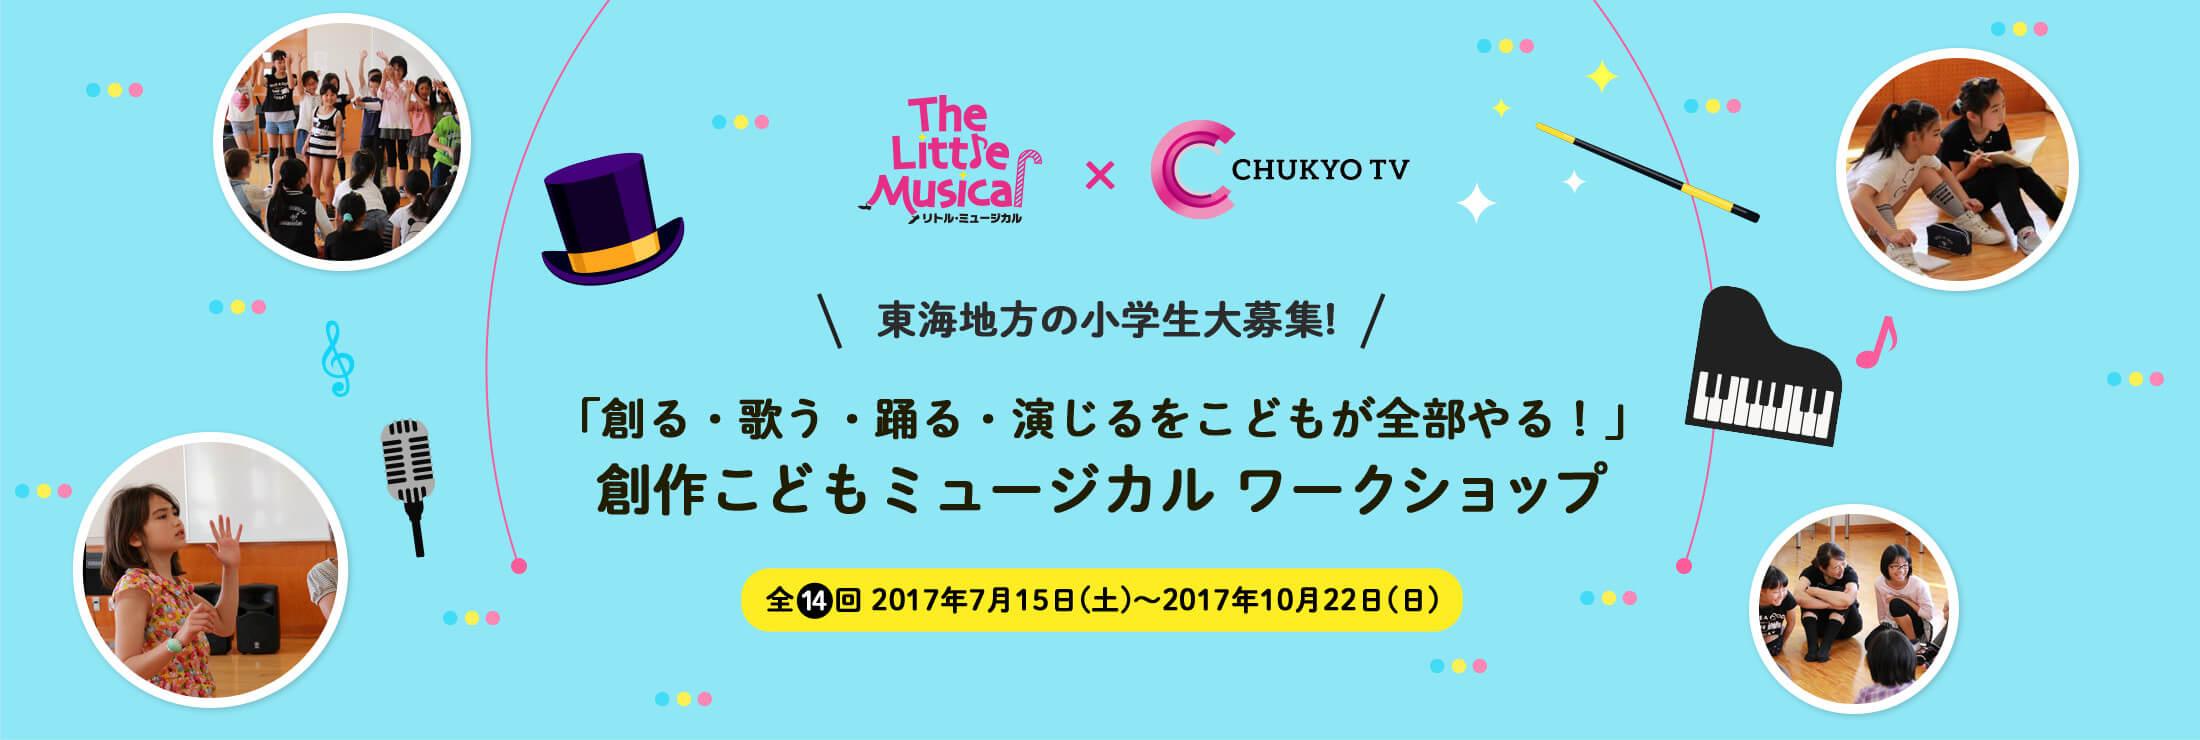 リトル・ミュージカル×中京テレビ 創作ミュージカル・ワークショップ